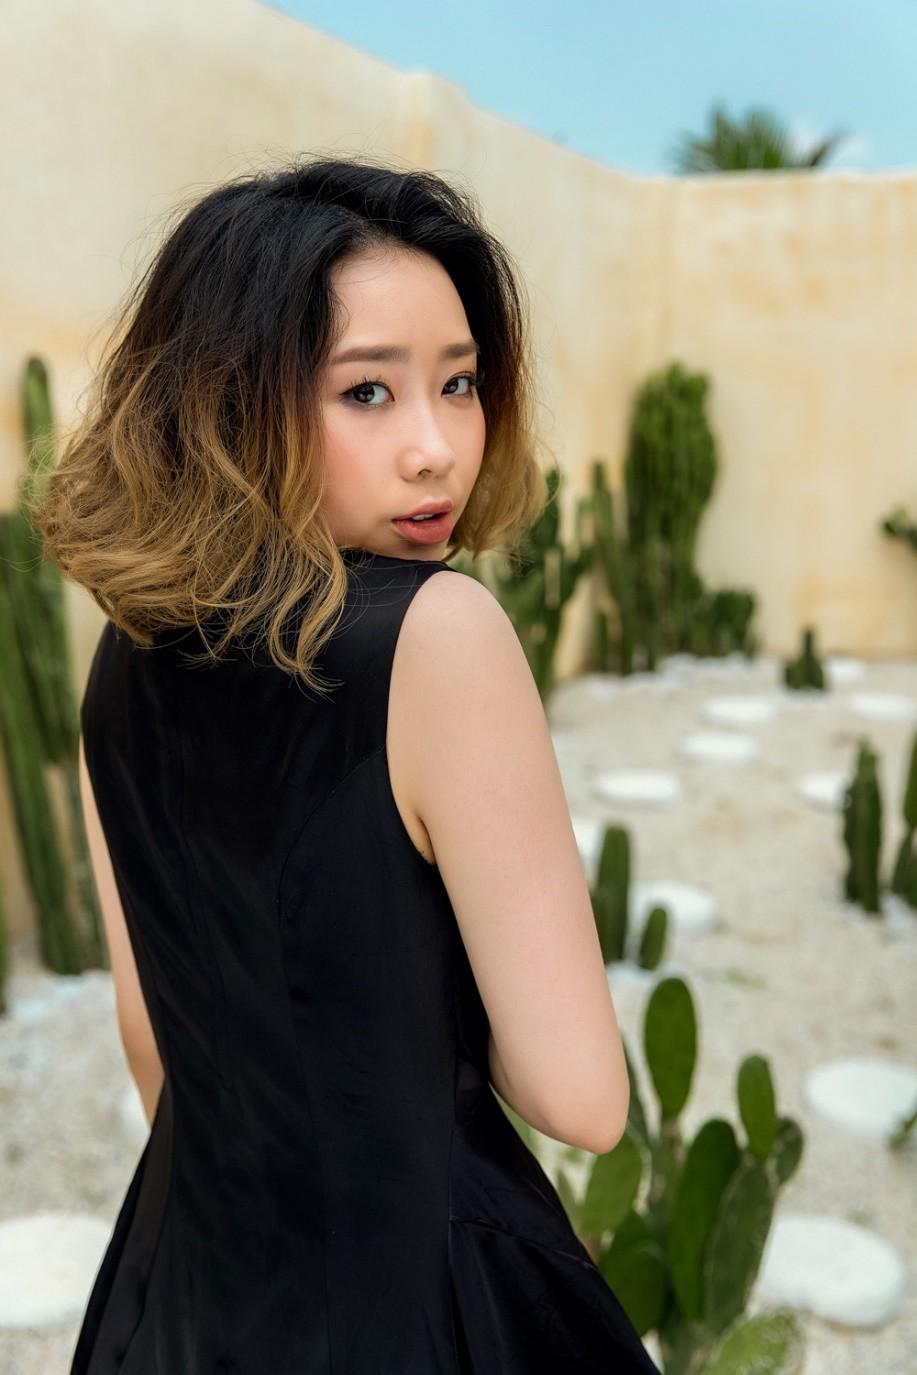 """Gặp gỡ cô nàng du học sinh """"mặc chất"""" như fashionista khiến NTK Văn Thành Công xao xuyến - Ảnh 6."""